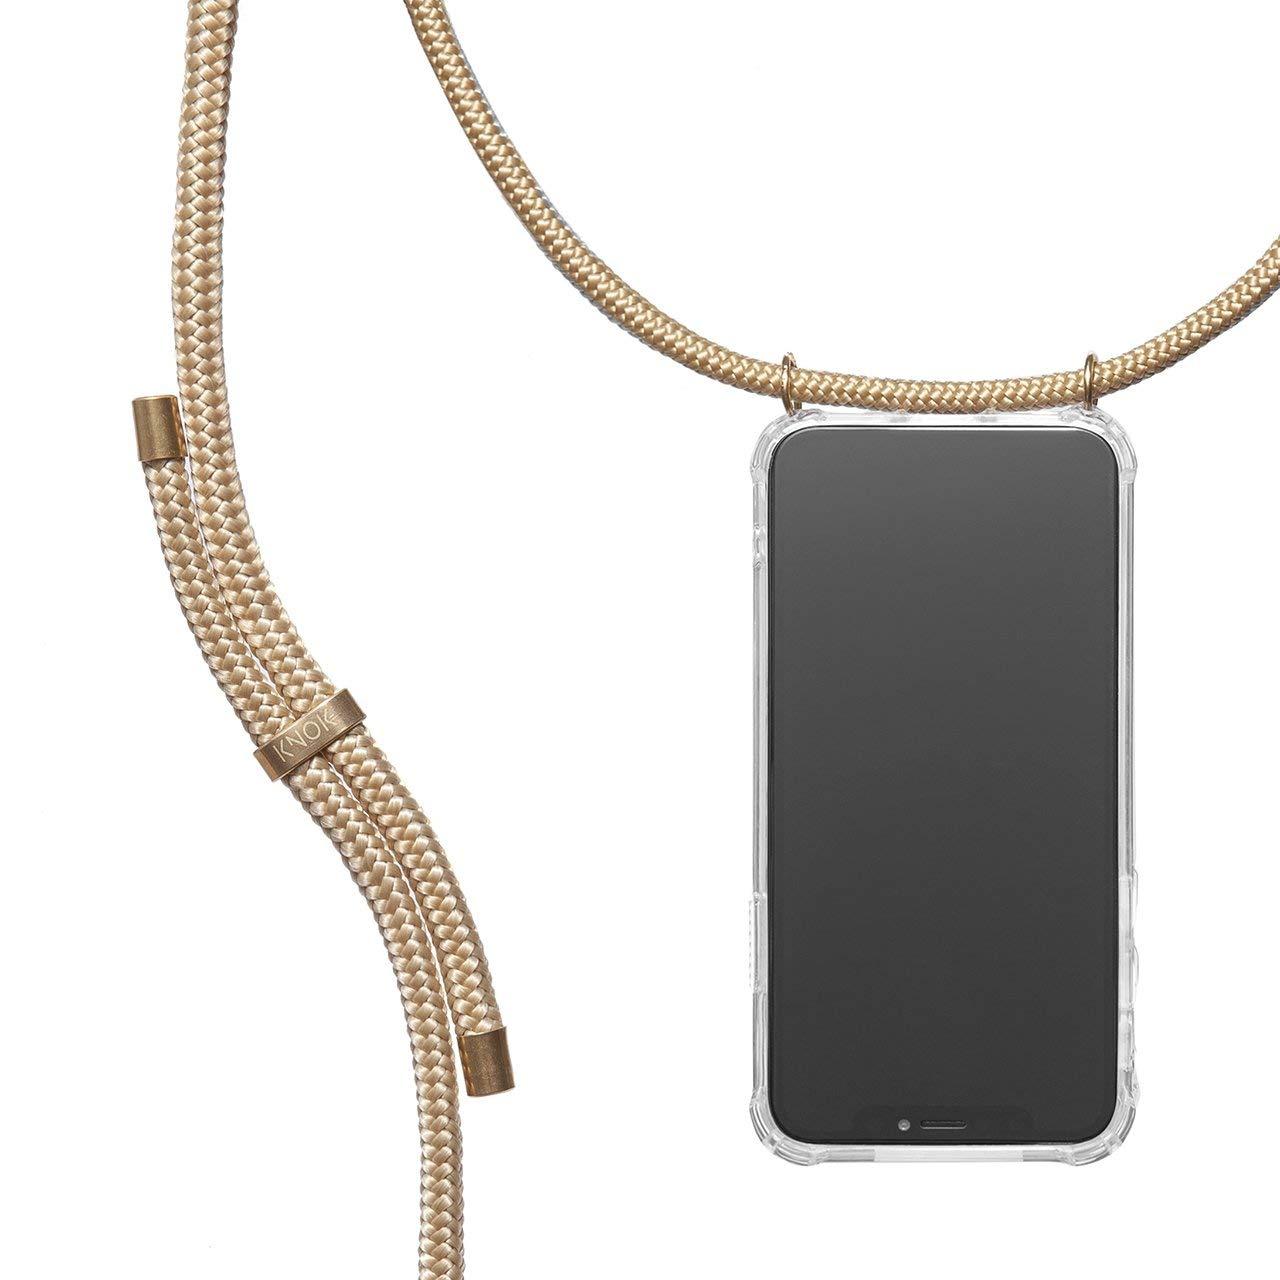 con Cordon para Llevar en el Cuello Hecho a Mano en Berlin Case Carcasa de m/óvil iPhone Samsung Huawei con Correa Colgante KNOK Funda Colgante movil con Cuerda para Colgar Huawei P20 Lite